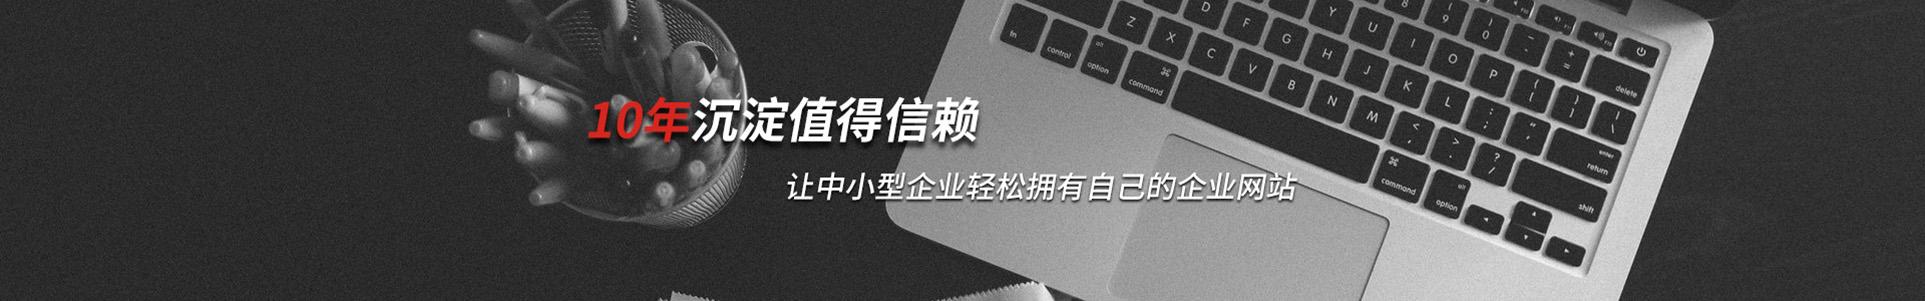 伟达网络网站seo优化官网